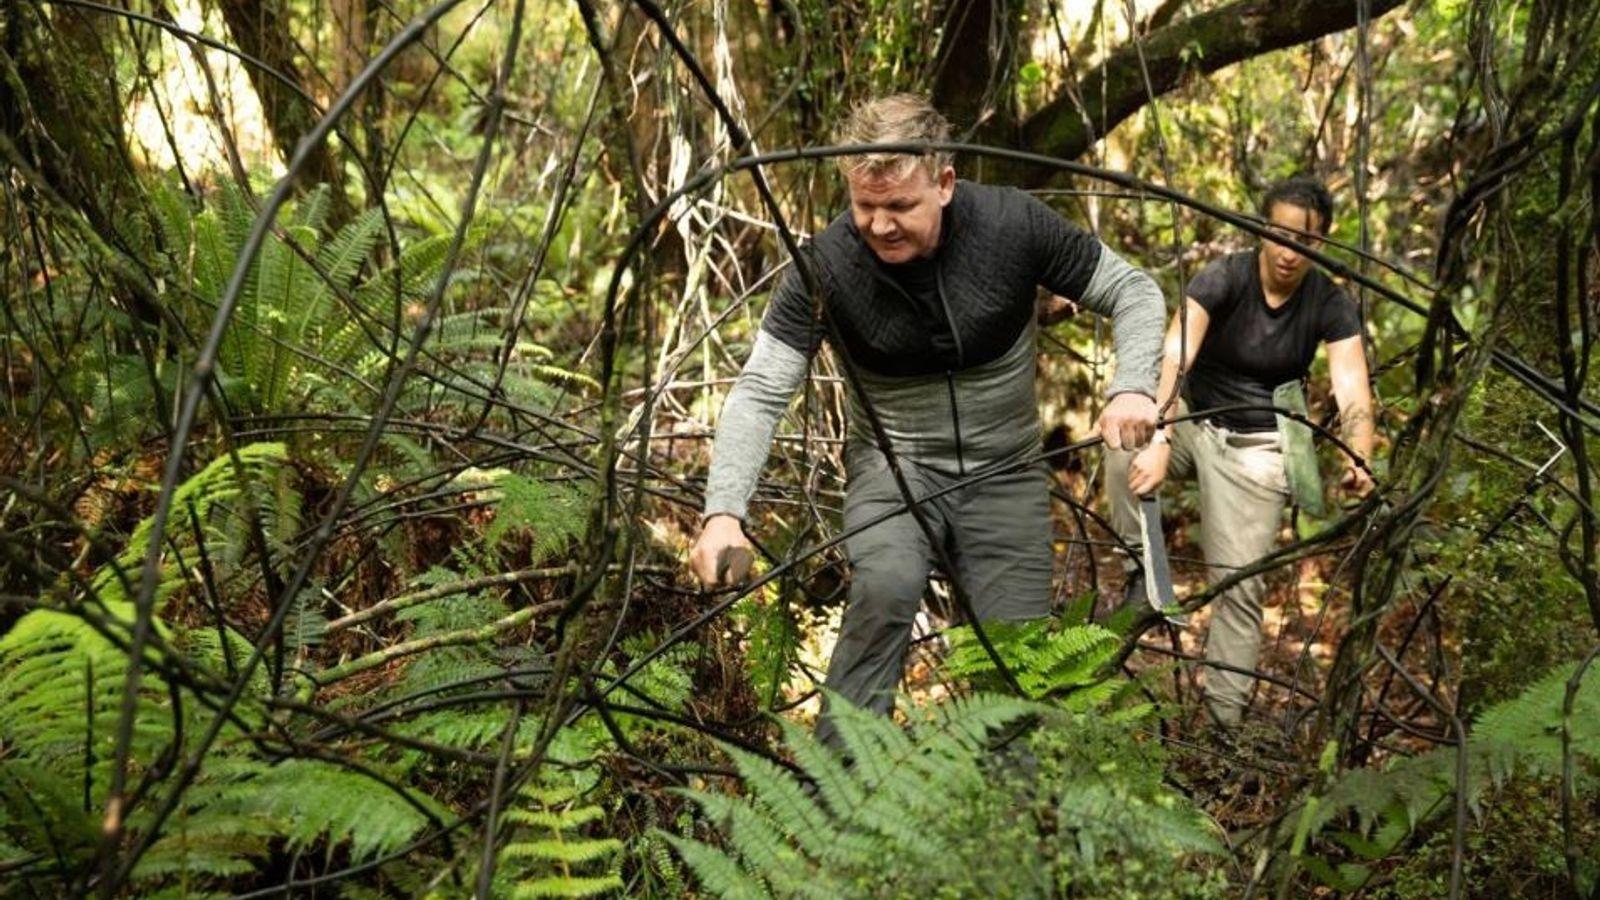 Gordon Ramsay e a chef neozelandesa, Monique Fiso, abrem caminho com facas de mato enquanto procuram ...